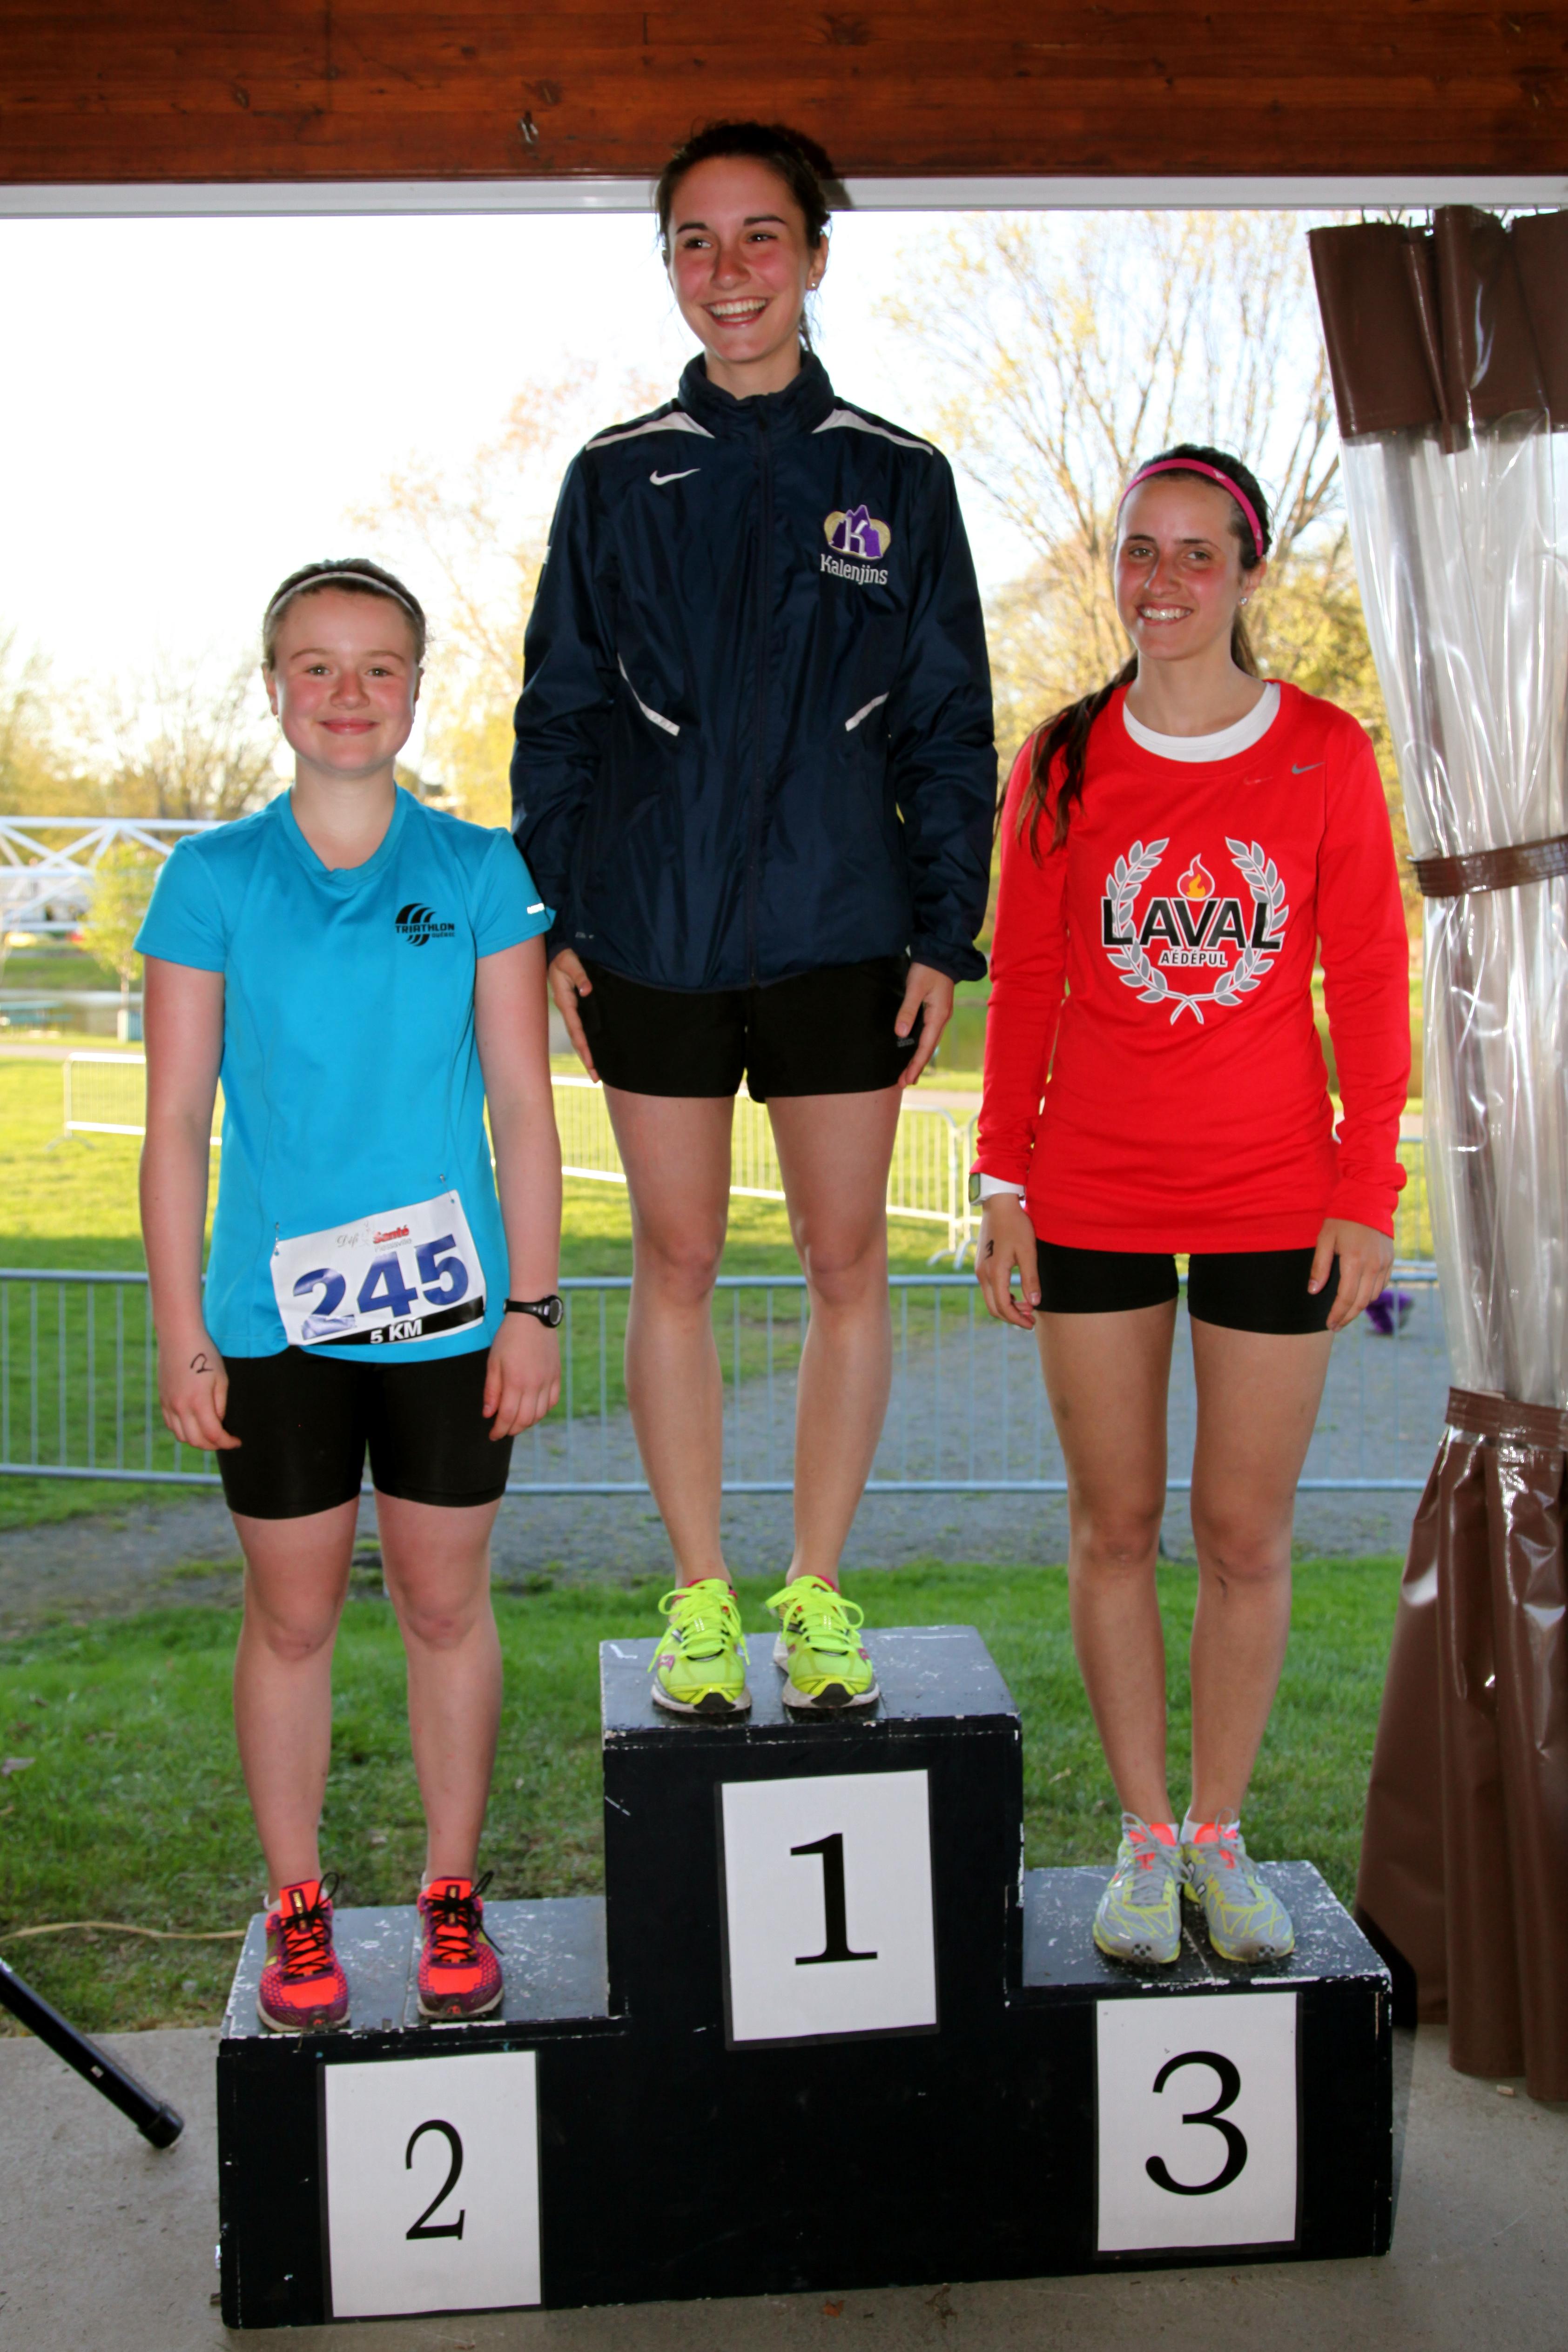 Gagnantes 5 km féminin